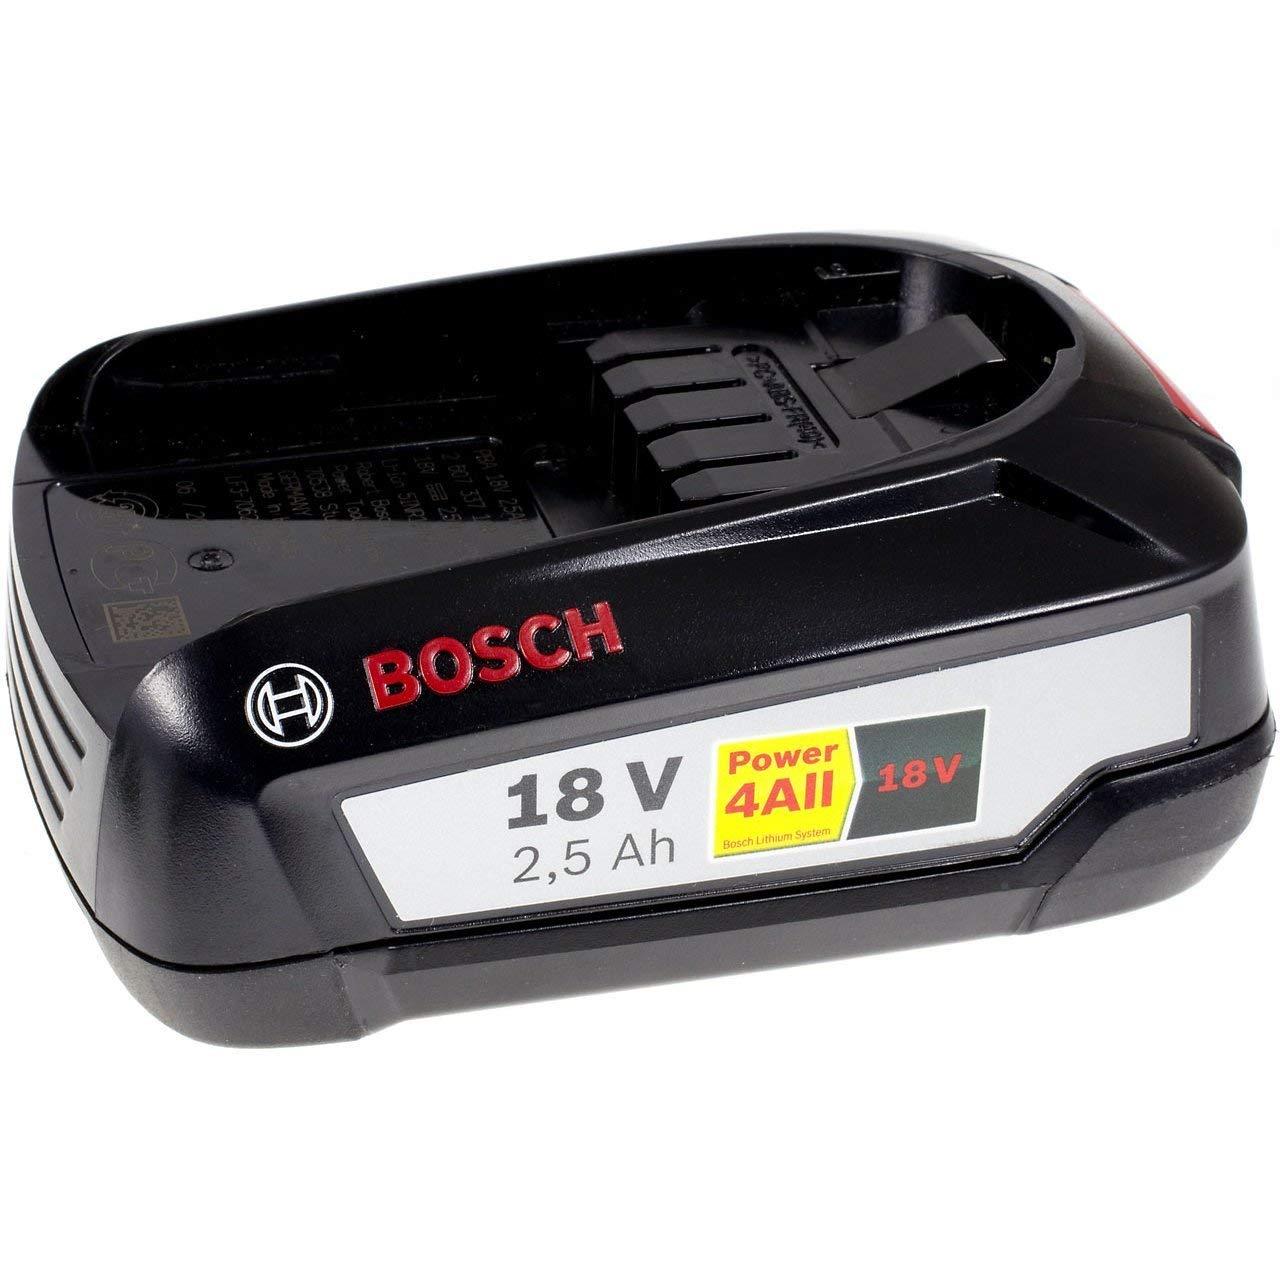 Batteria di alimentazione per Utensile Bosch tipo 2 607 336 039 originale 2500mAh